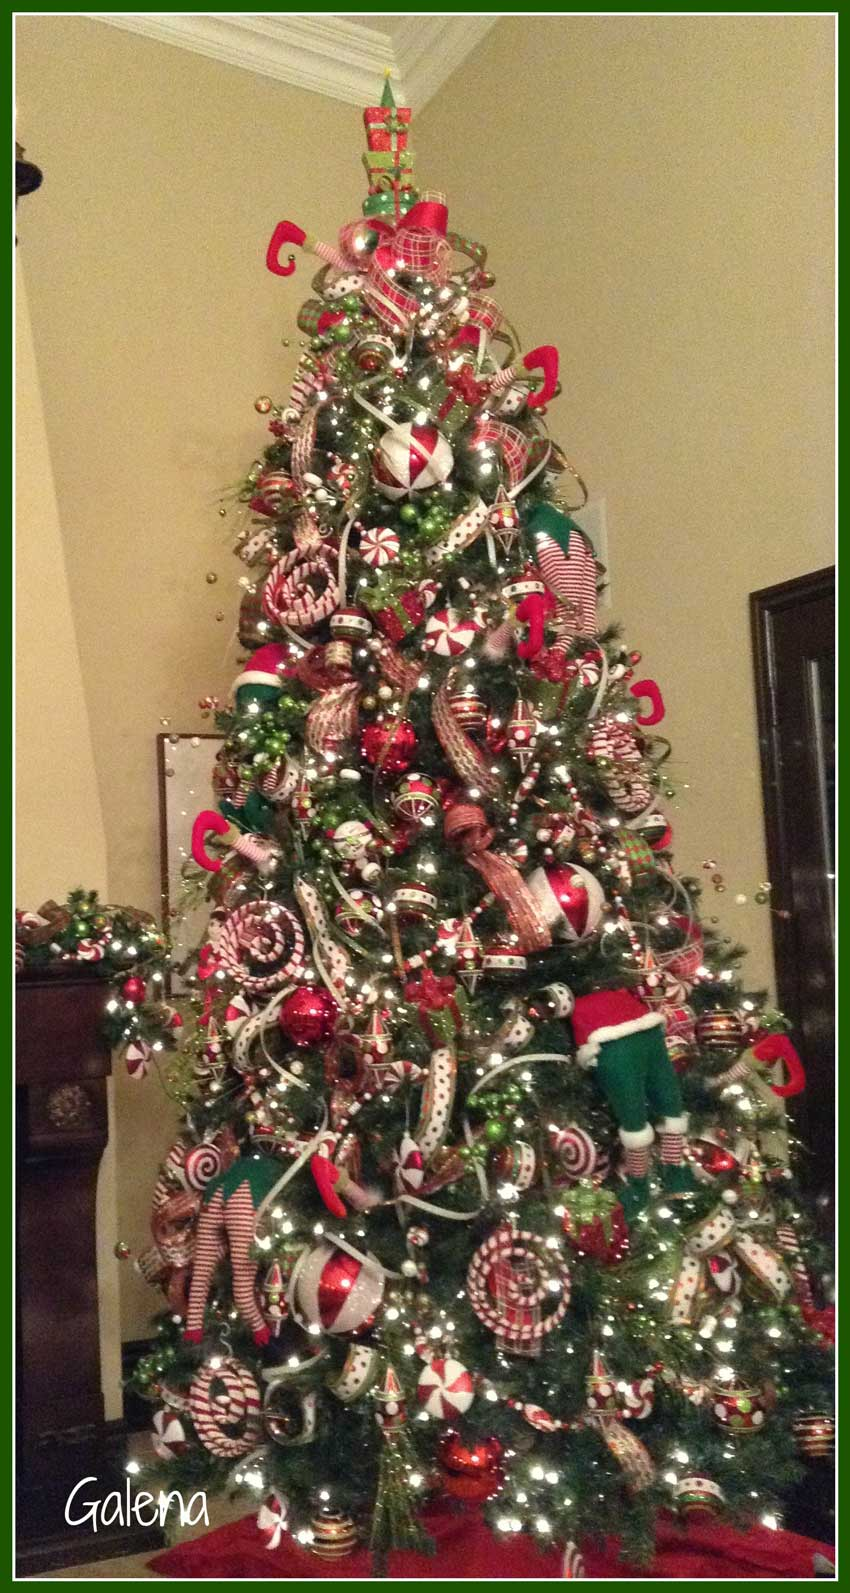 Navidad-Christmas-arbol-navideño-oh-christamas-tree